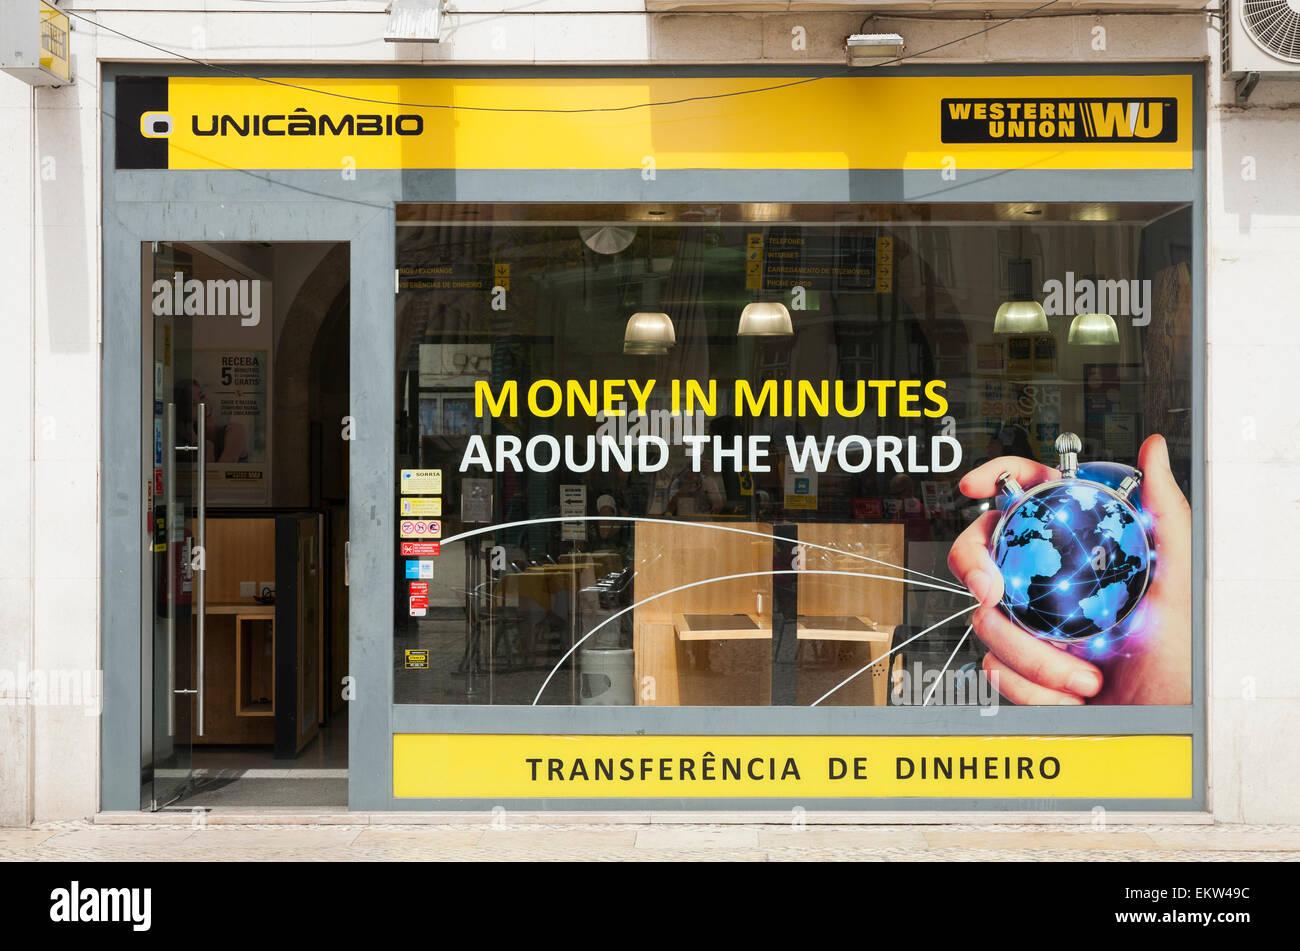 view images bureau de change western union stockfotos bureau de change